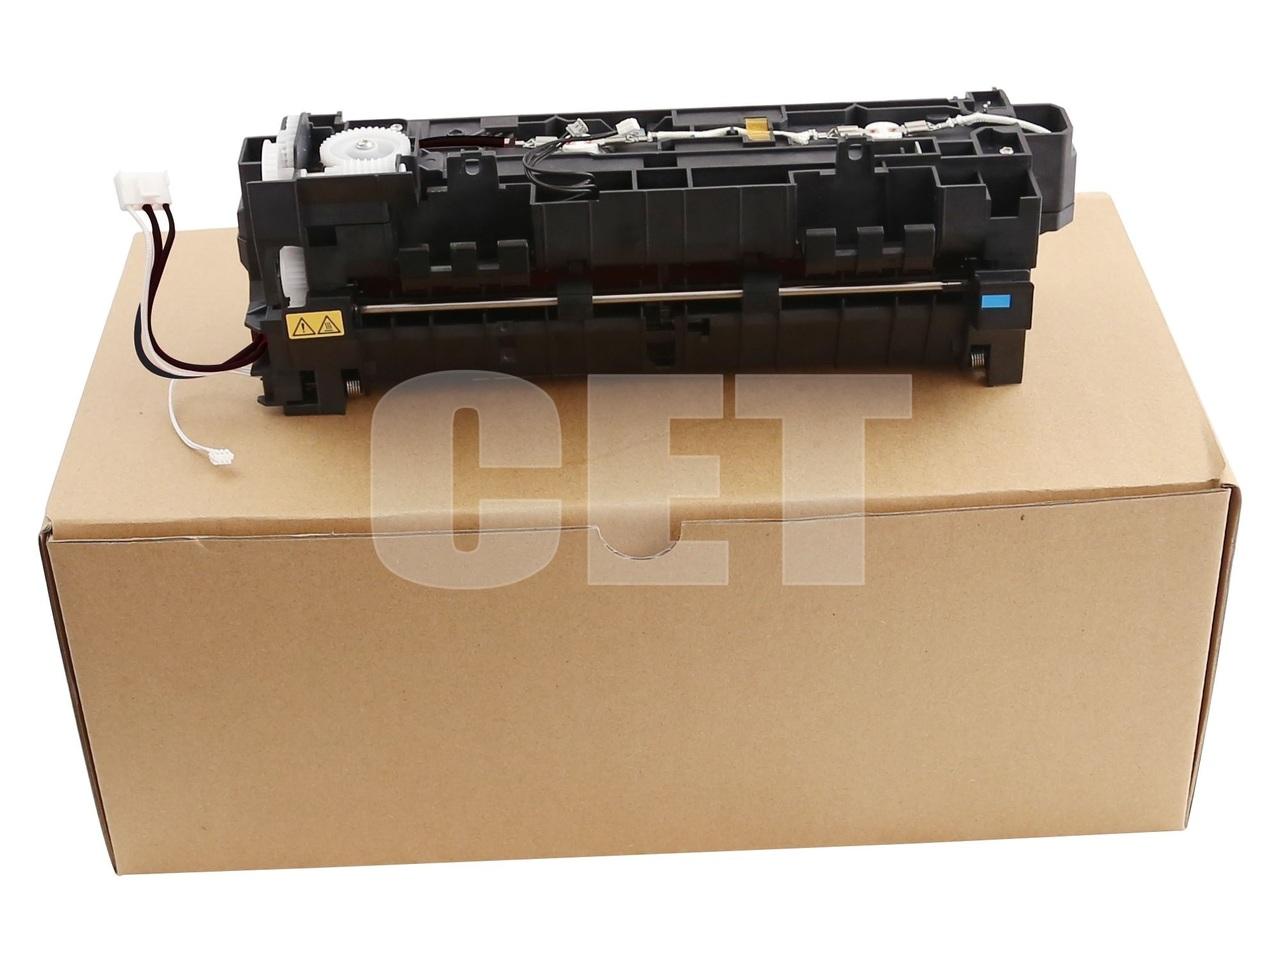 Фьюзер (печка) в сборе FK-3170(E), FK-3200 для KYOCERAECOSYS P3045dn/M3145dn/M3645dn (CET), CET7524